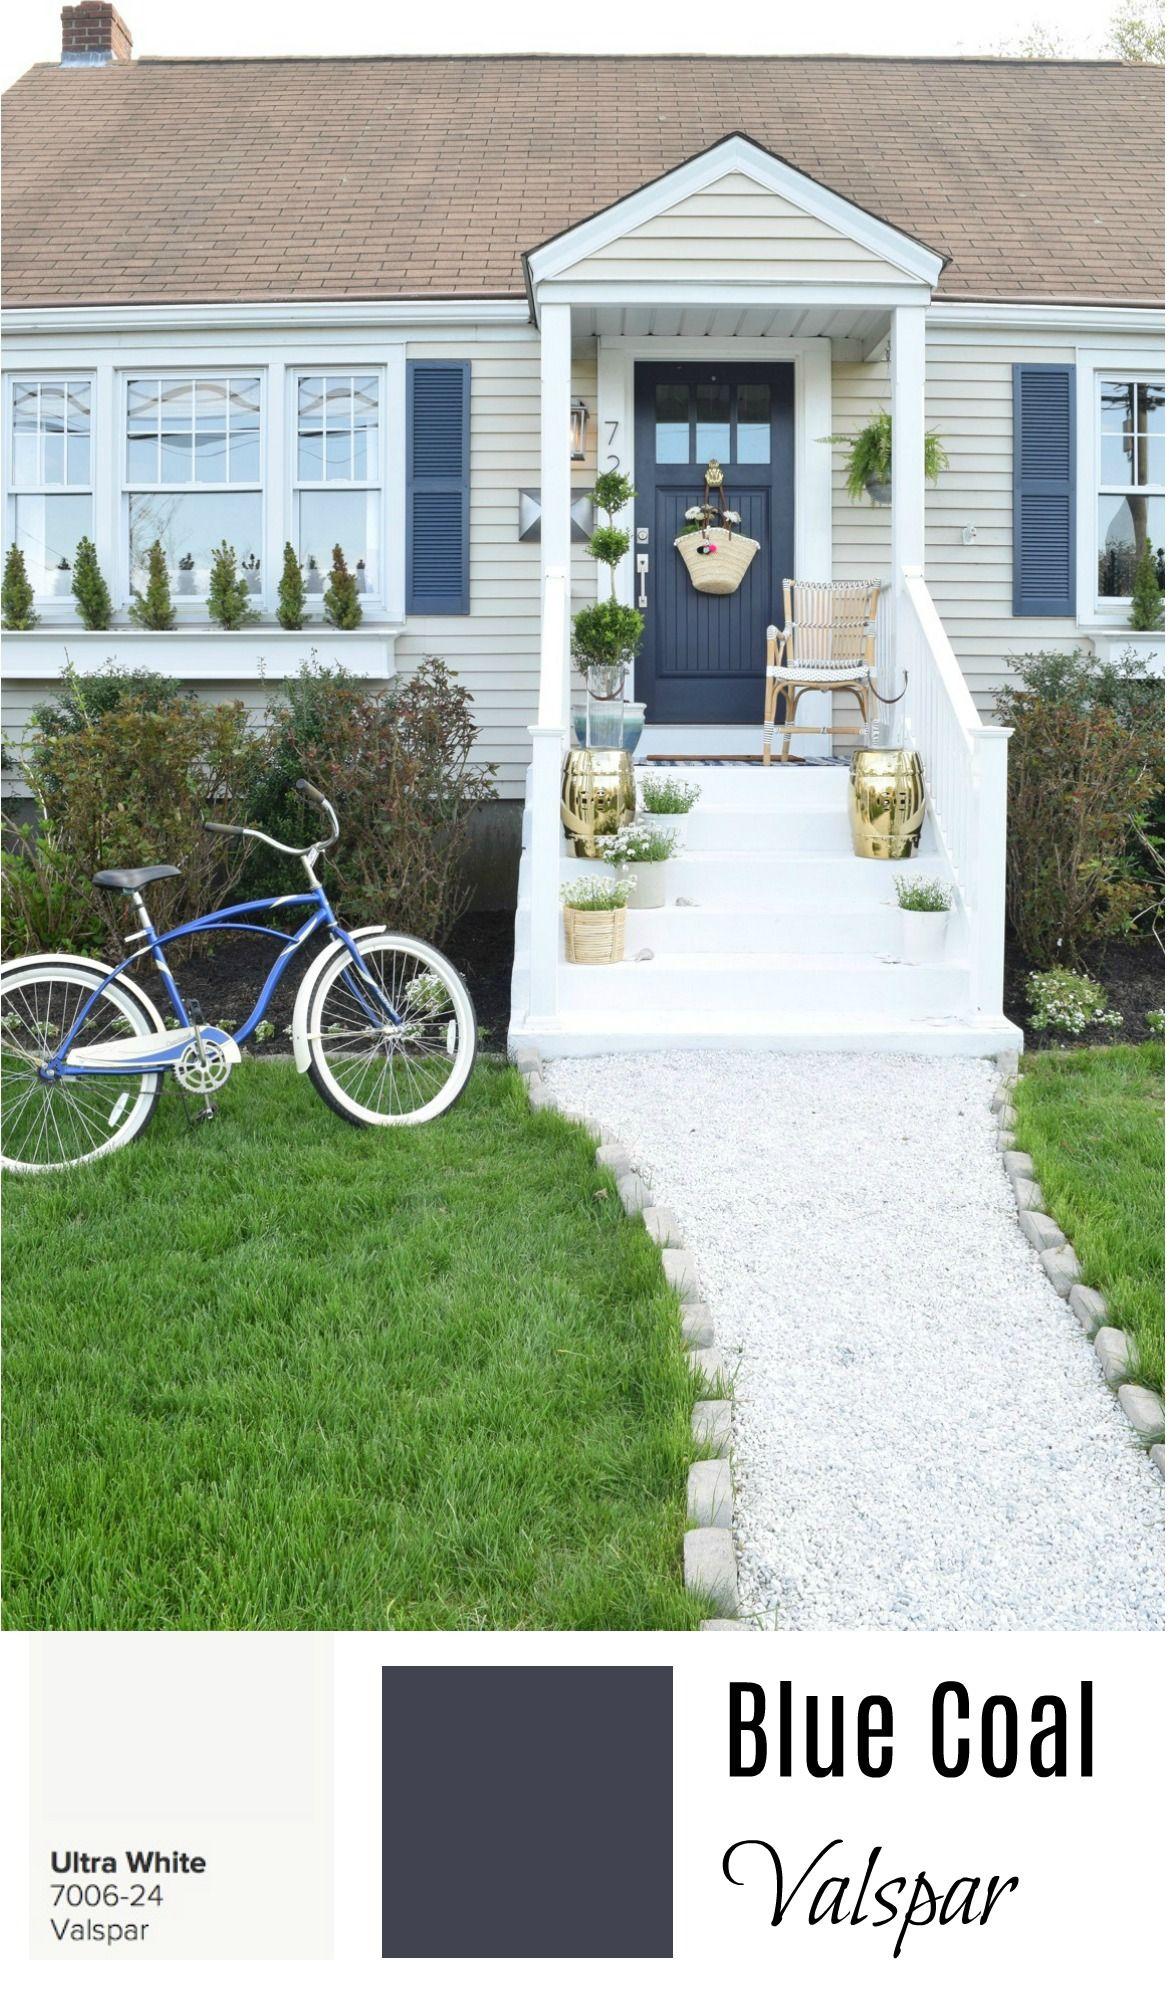 New England Homes- Exterior Paint Color Ideas | Valspar blue ...